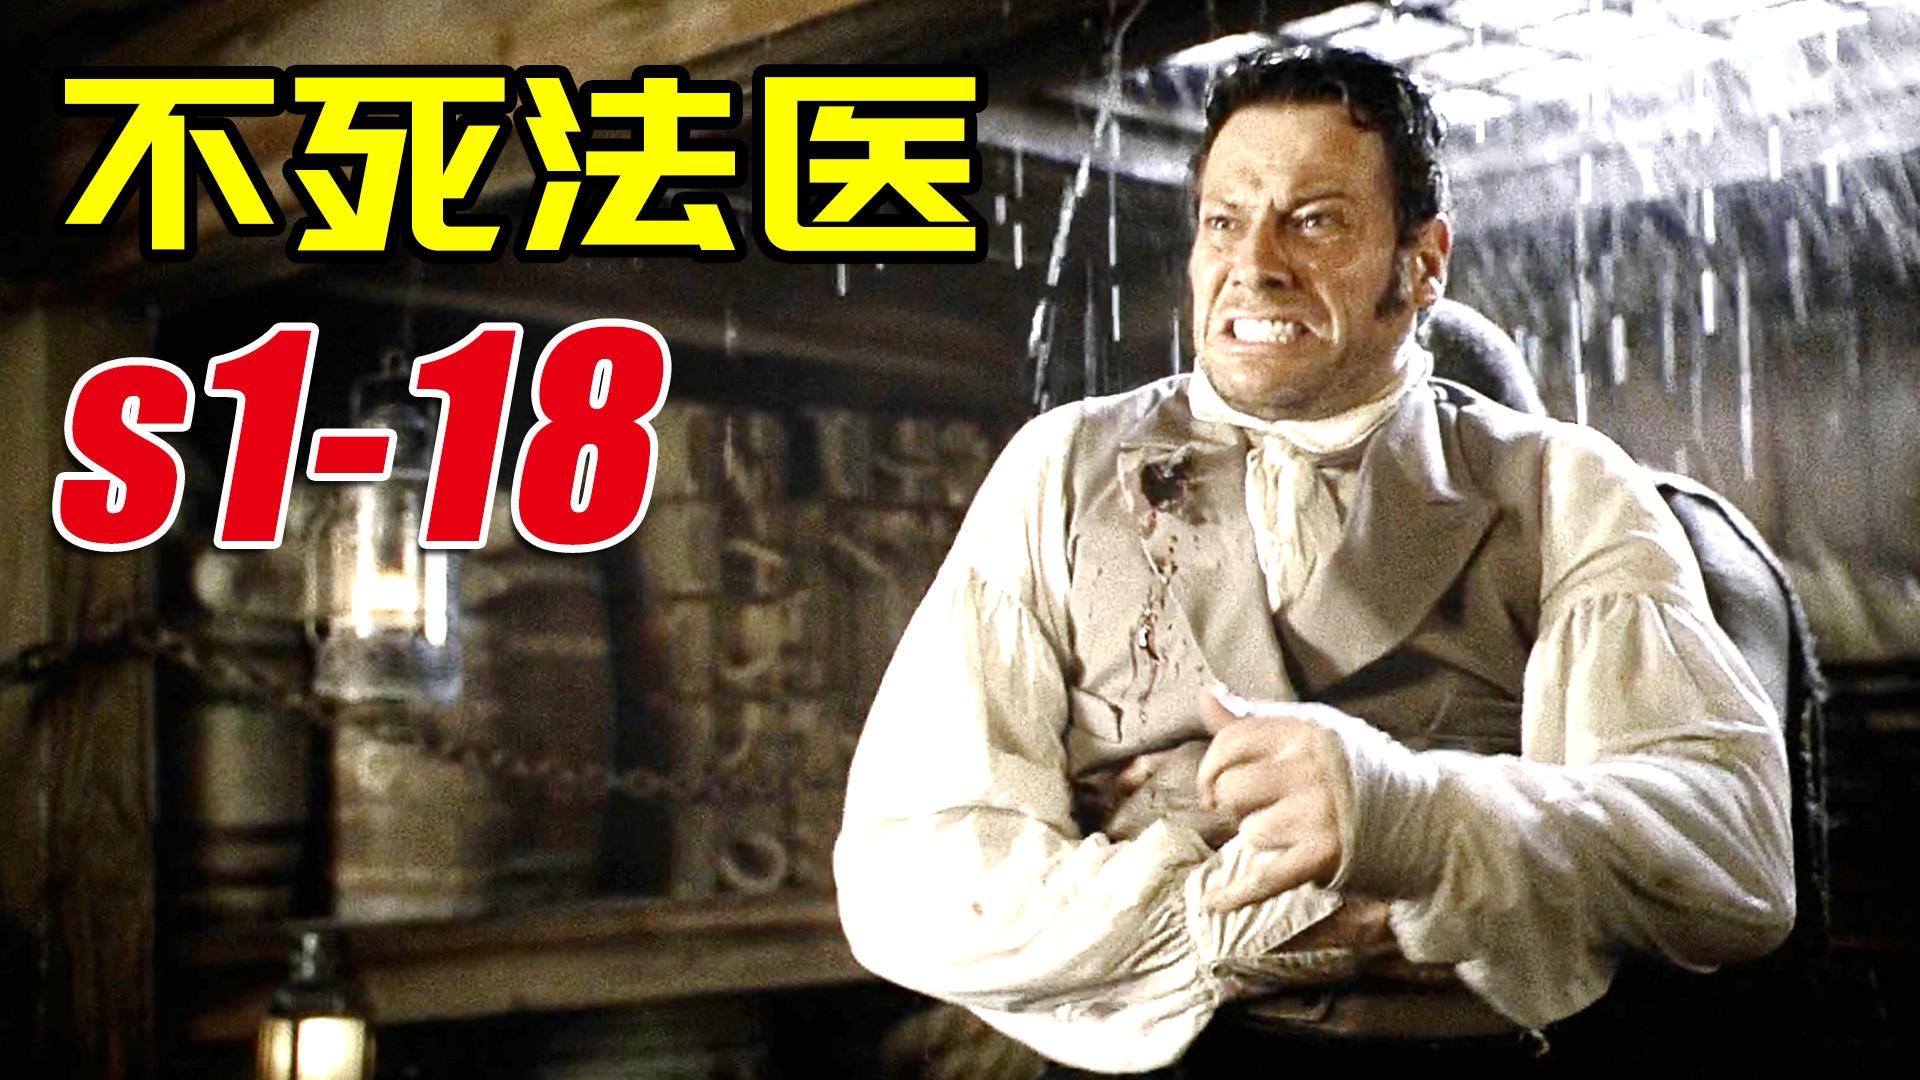 #追剧不能停#被1把火药枪射中,他多活了200年,悬疑美剧《不死法医》